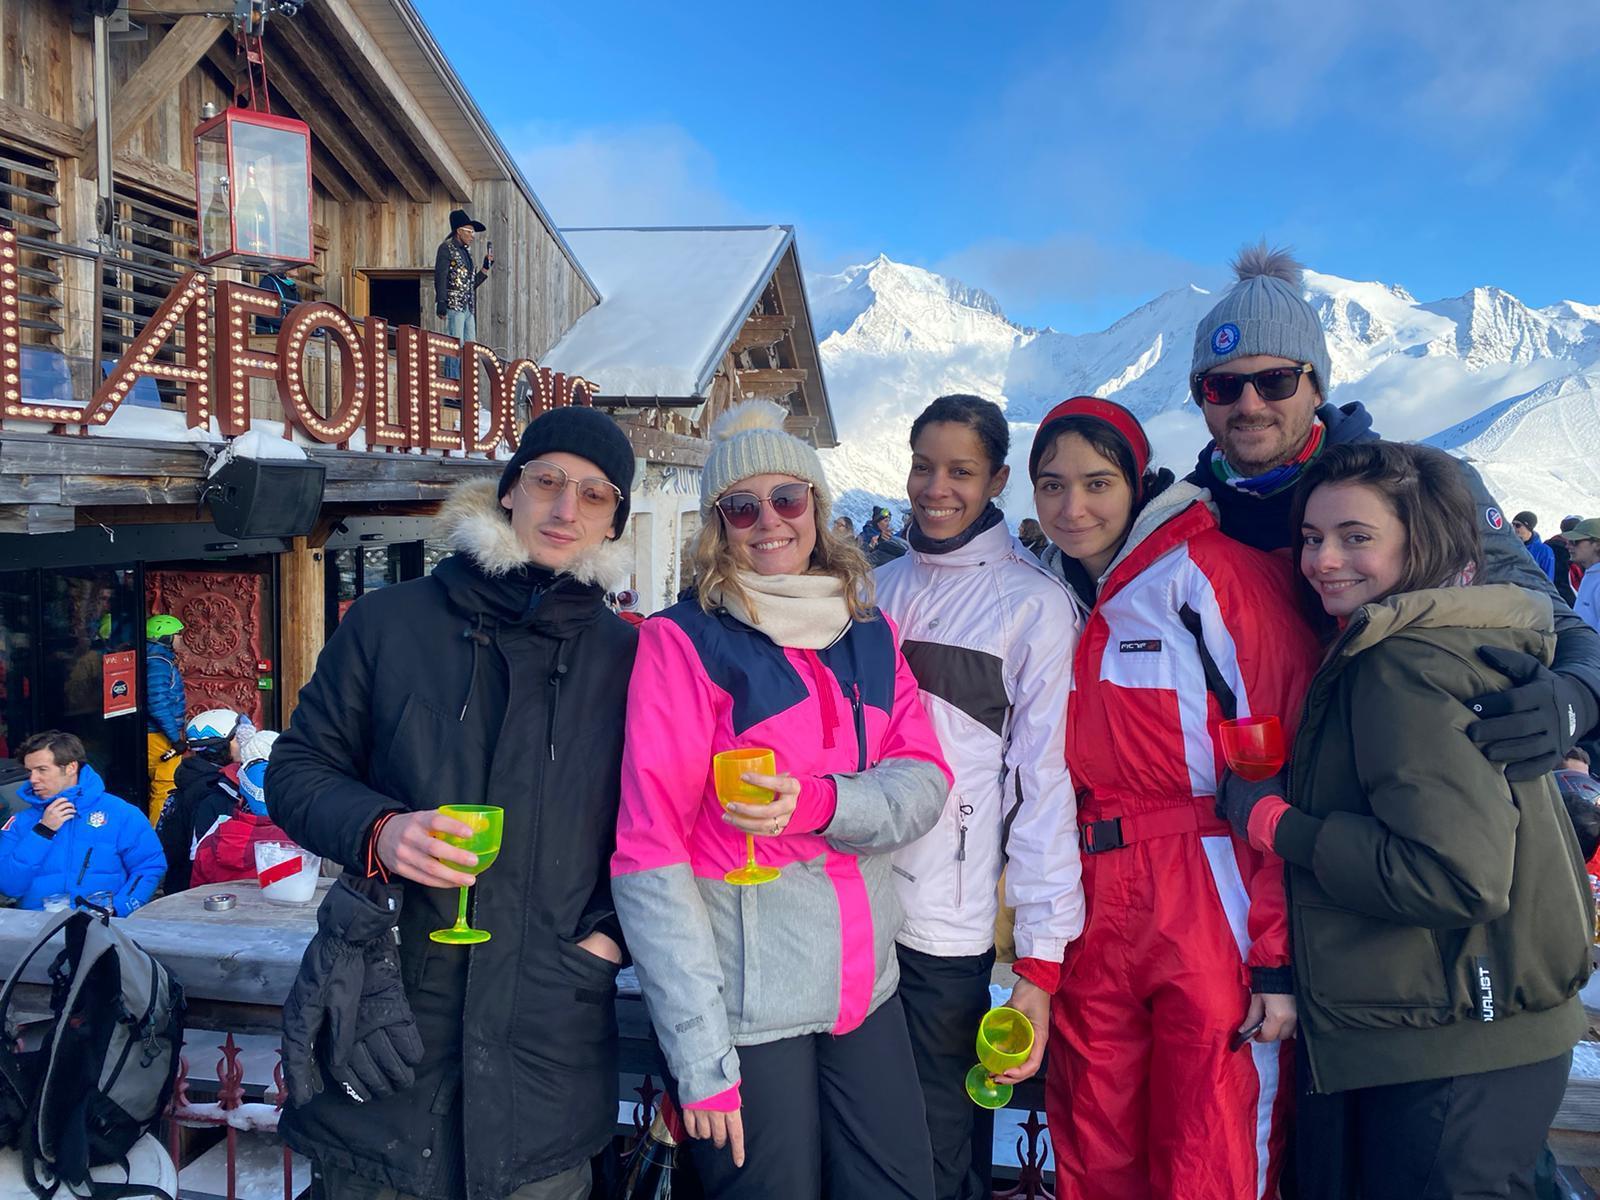 Direction Saint-Gervais : ski, spa et raclette pour notre séminaire d'Hiver !